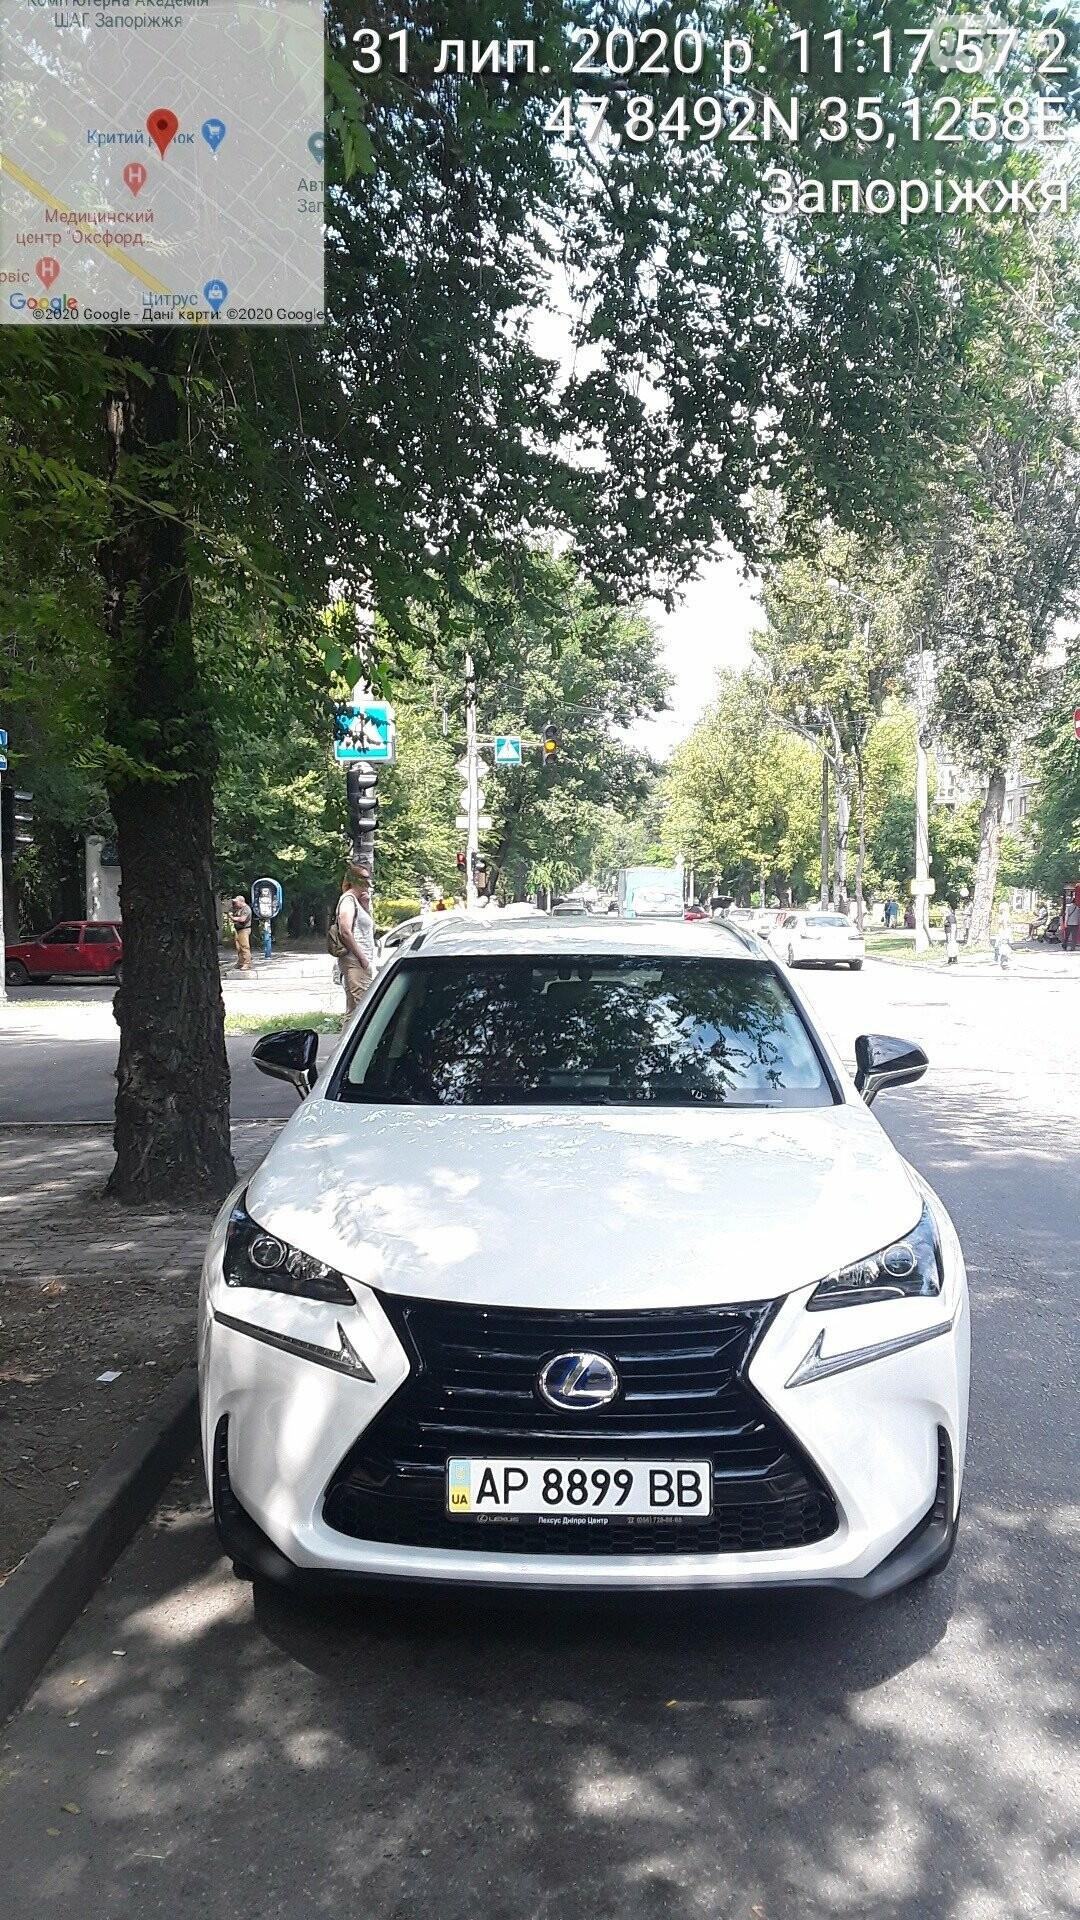 1100 нарушений и 200 тысяч гривен в бюджет: запорожские инспекторы по парковке отчитались о работе за июль, фото-2